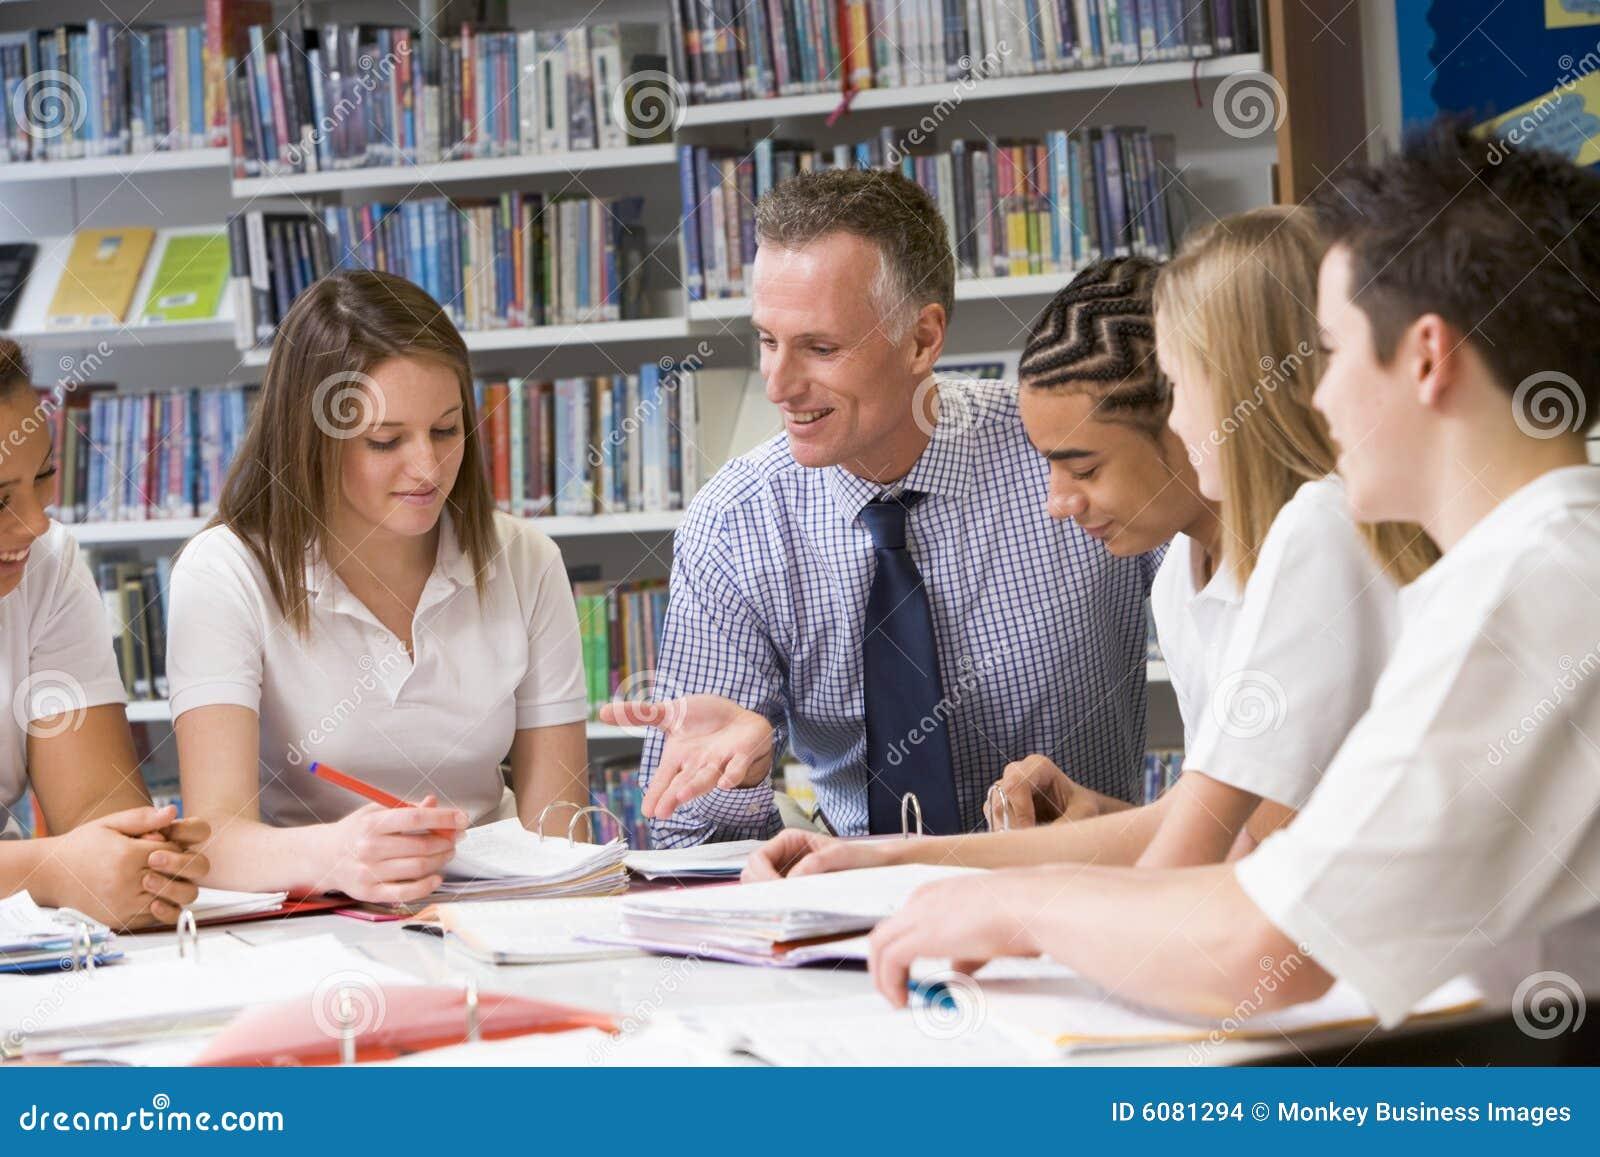 Учител с ученицами 22 фотография